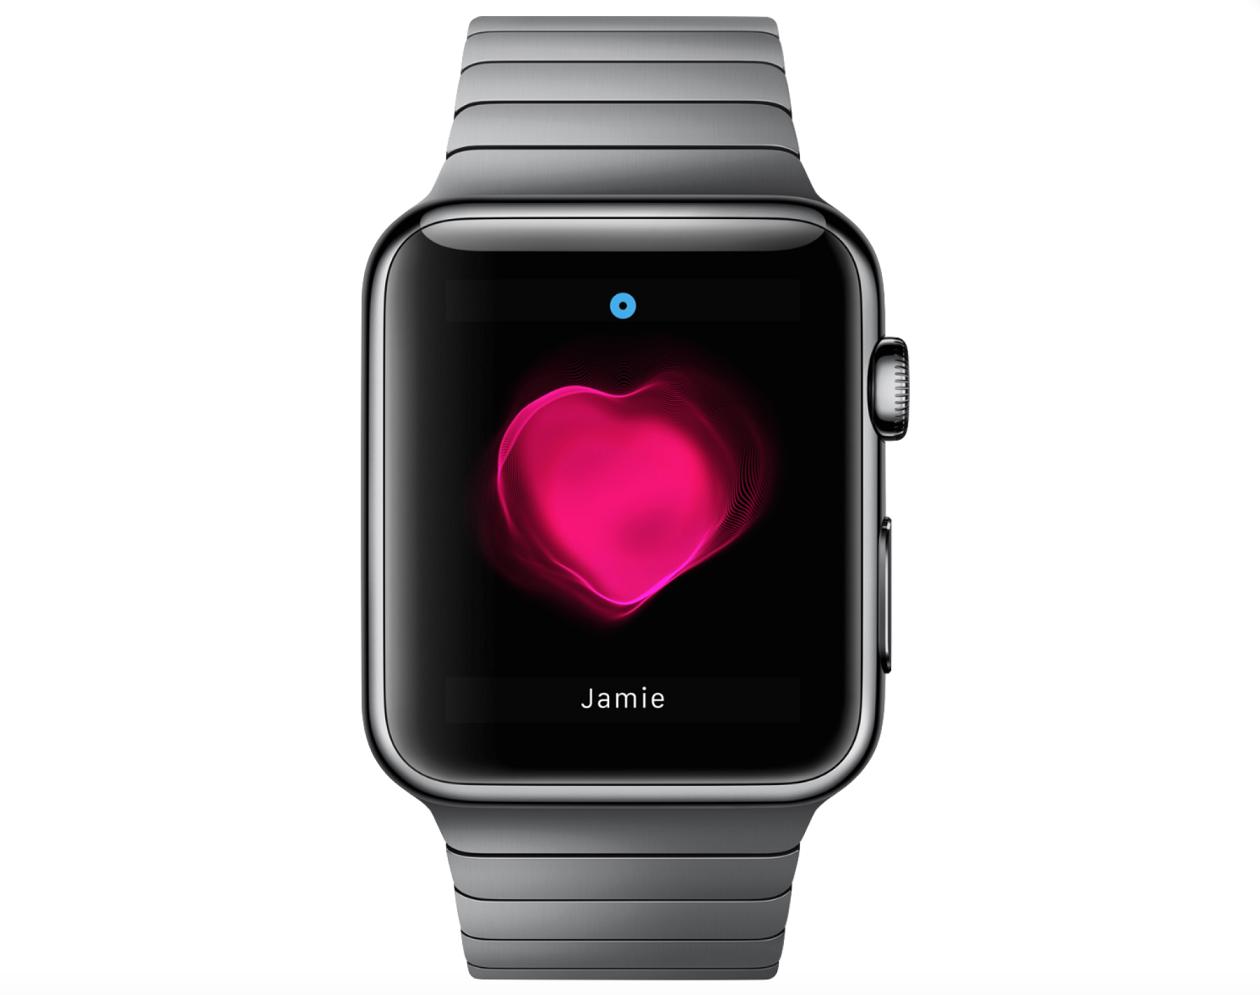 Одинокие владельцы Apple Watch ищут партнёров для обмена сердцебиениями